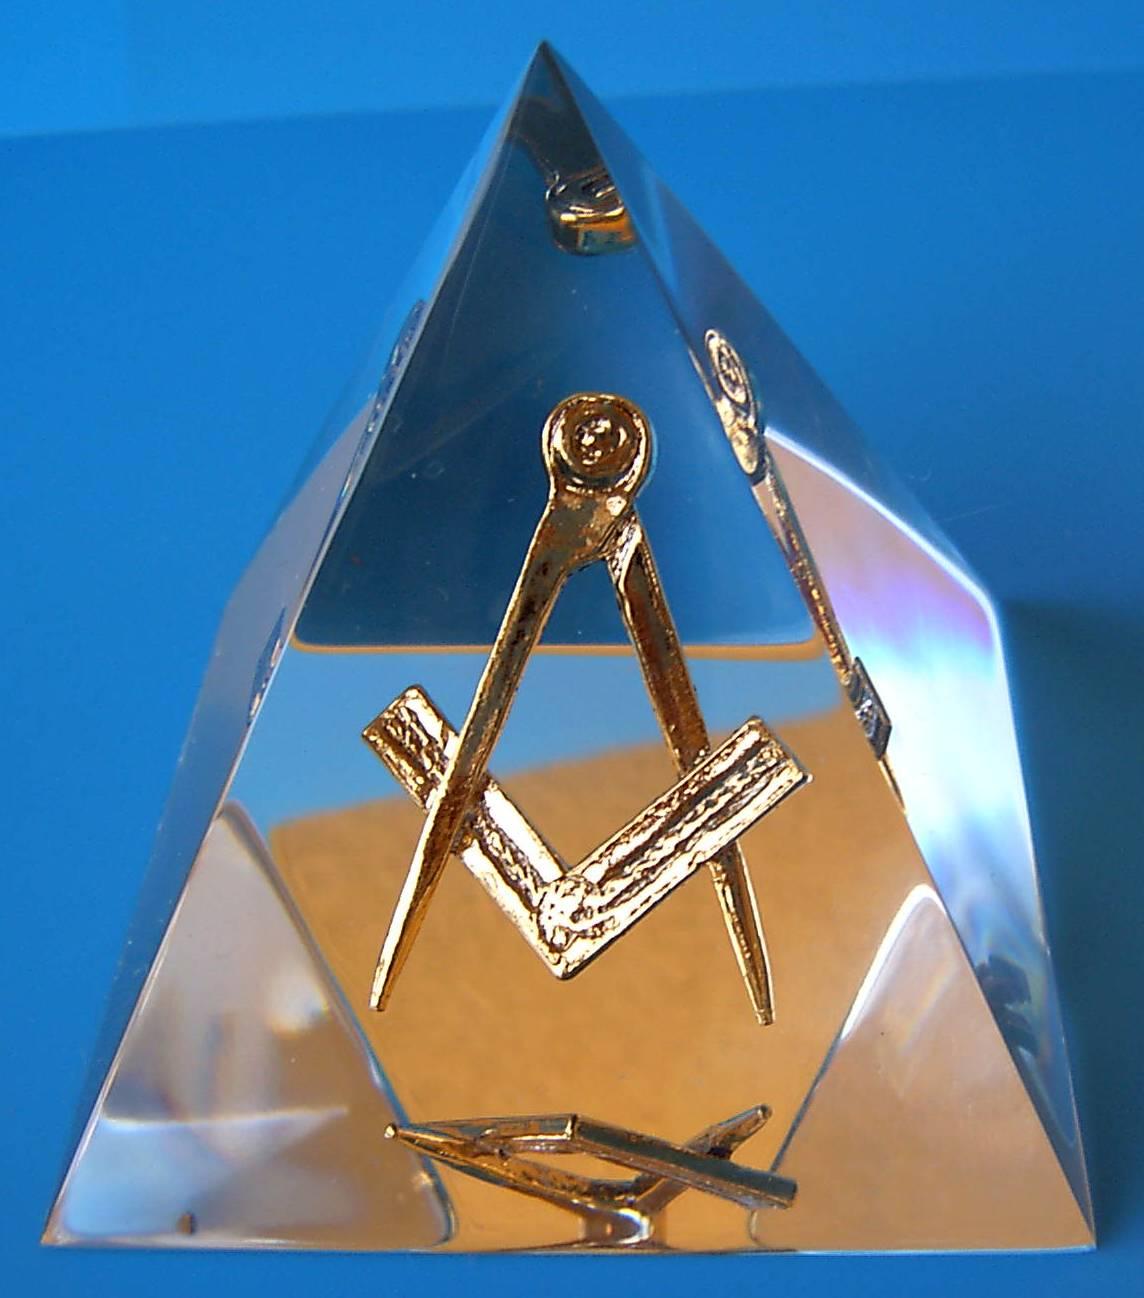 L'œil qui voit tout; tous les symboles des Illuminatis dans les médias - Page 5 Image026